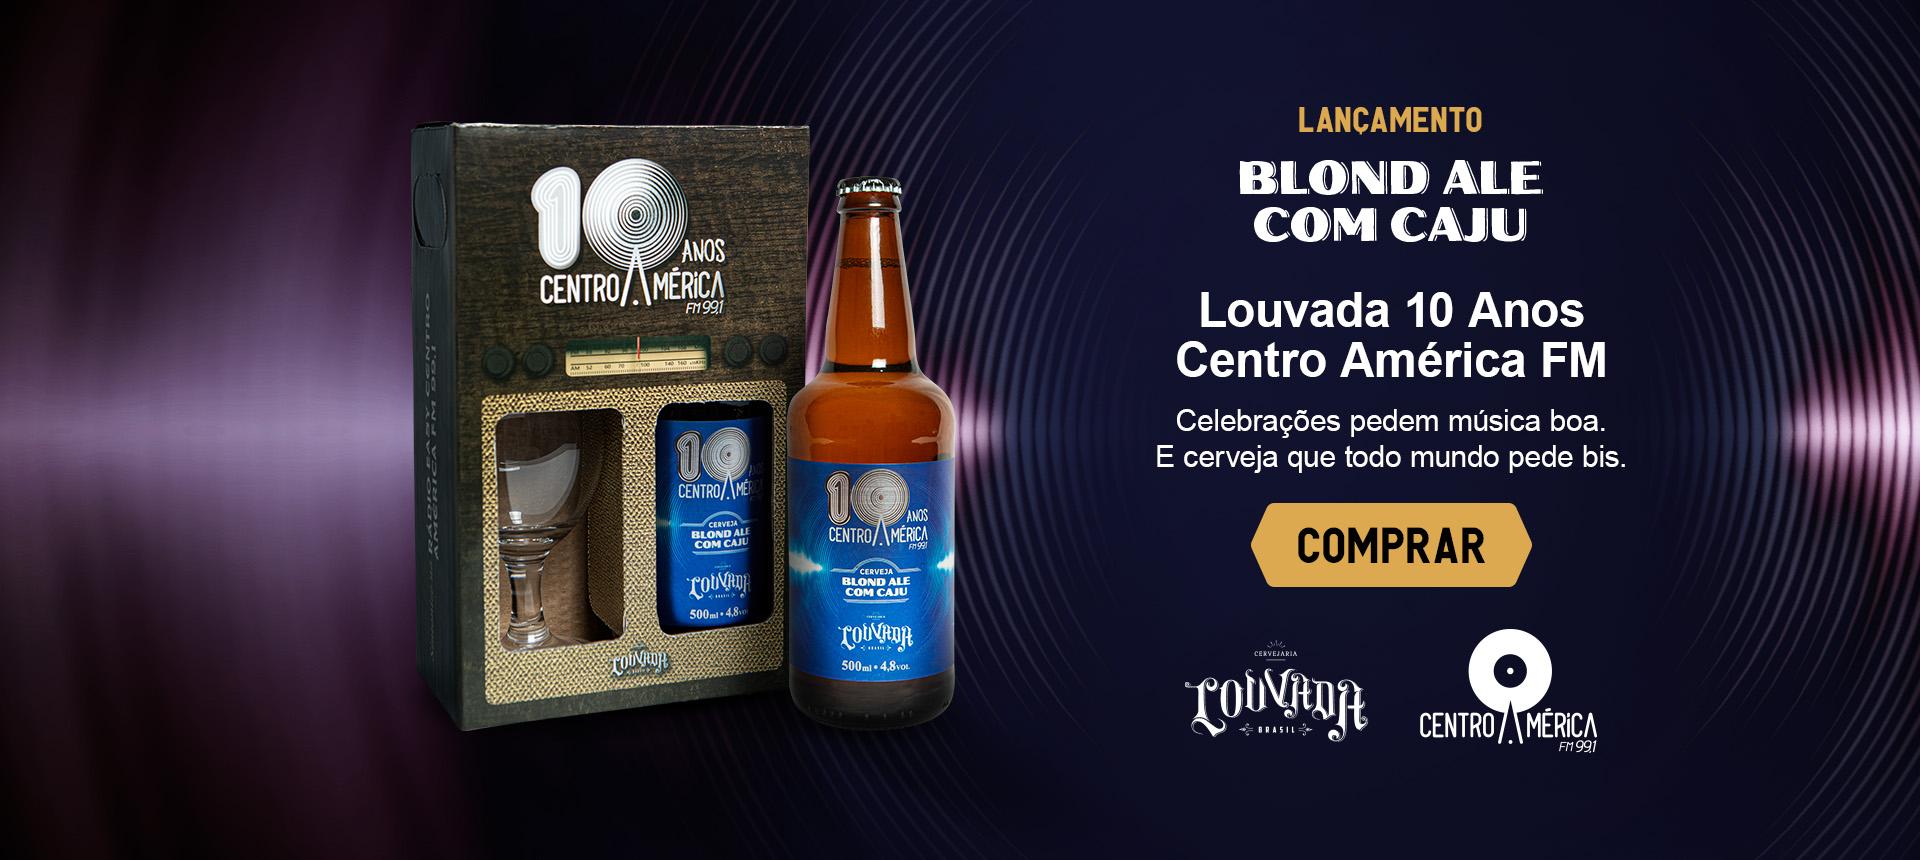 cerveja-louvada-blond-ale-banner-destkop